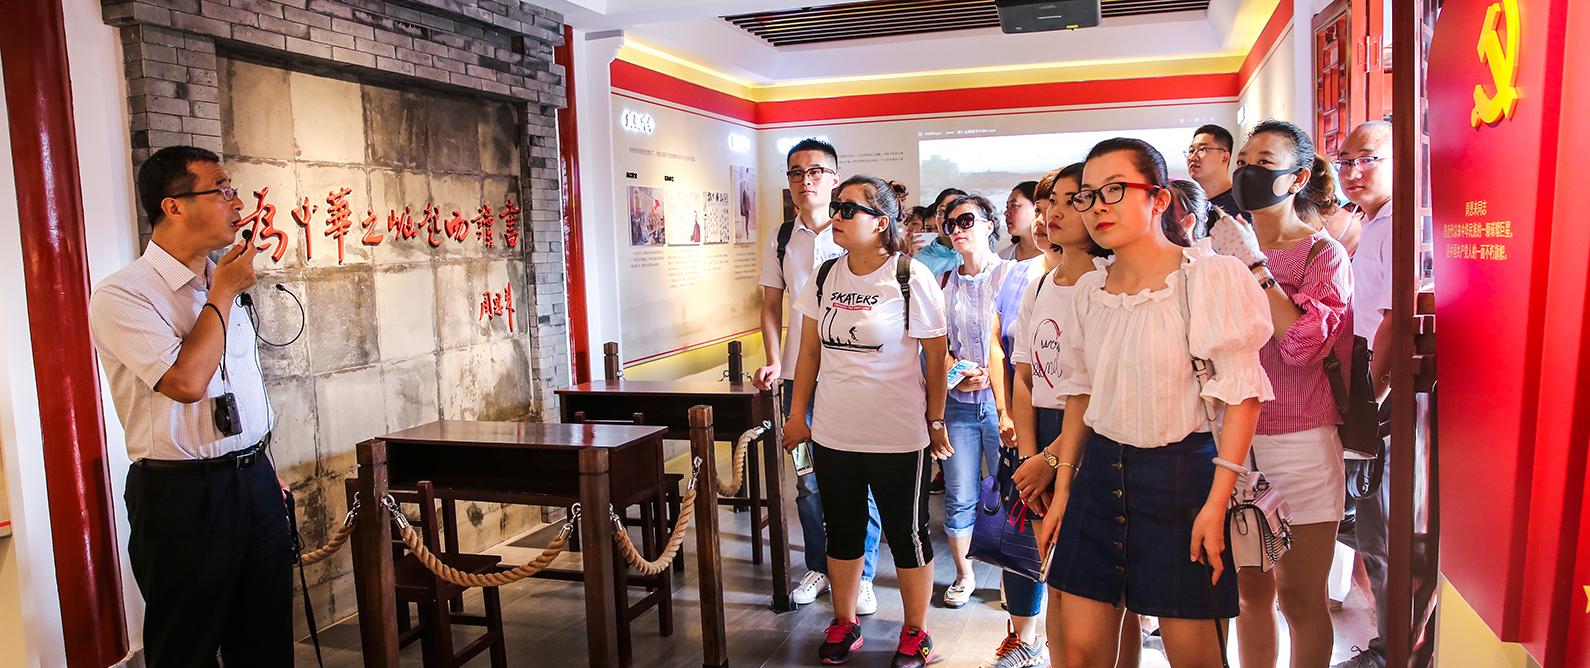 依托怀周祠和棉区红旗杨柳雪村红色文化历史 滨城打造出红色旅游精品线路